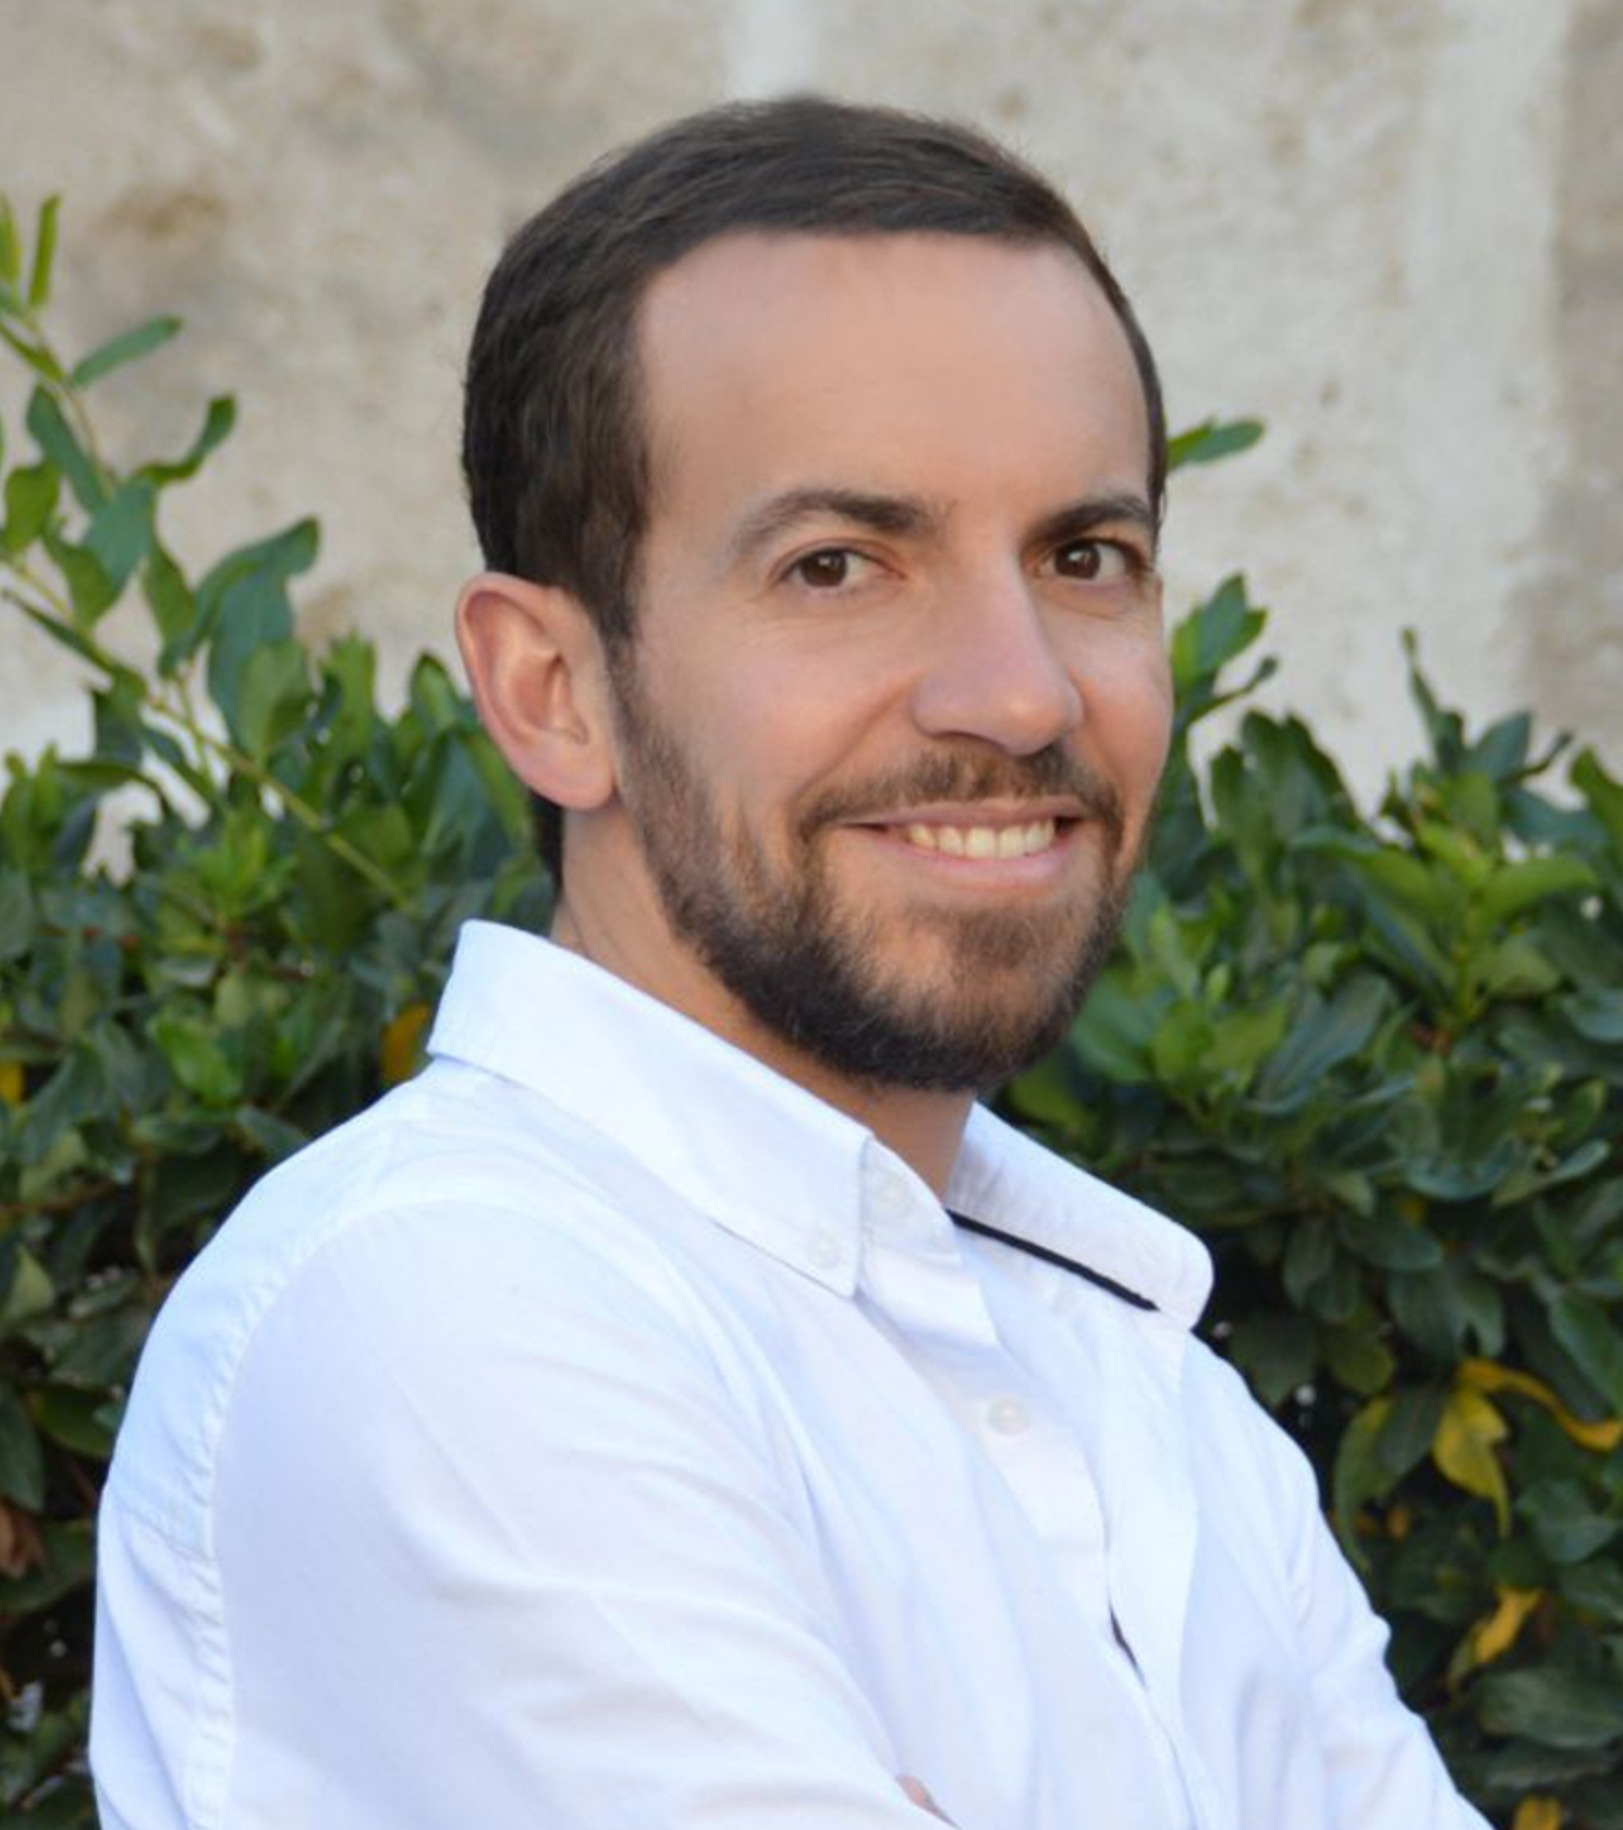 Francisco Palao (Organizer)